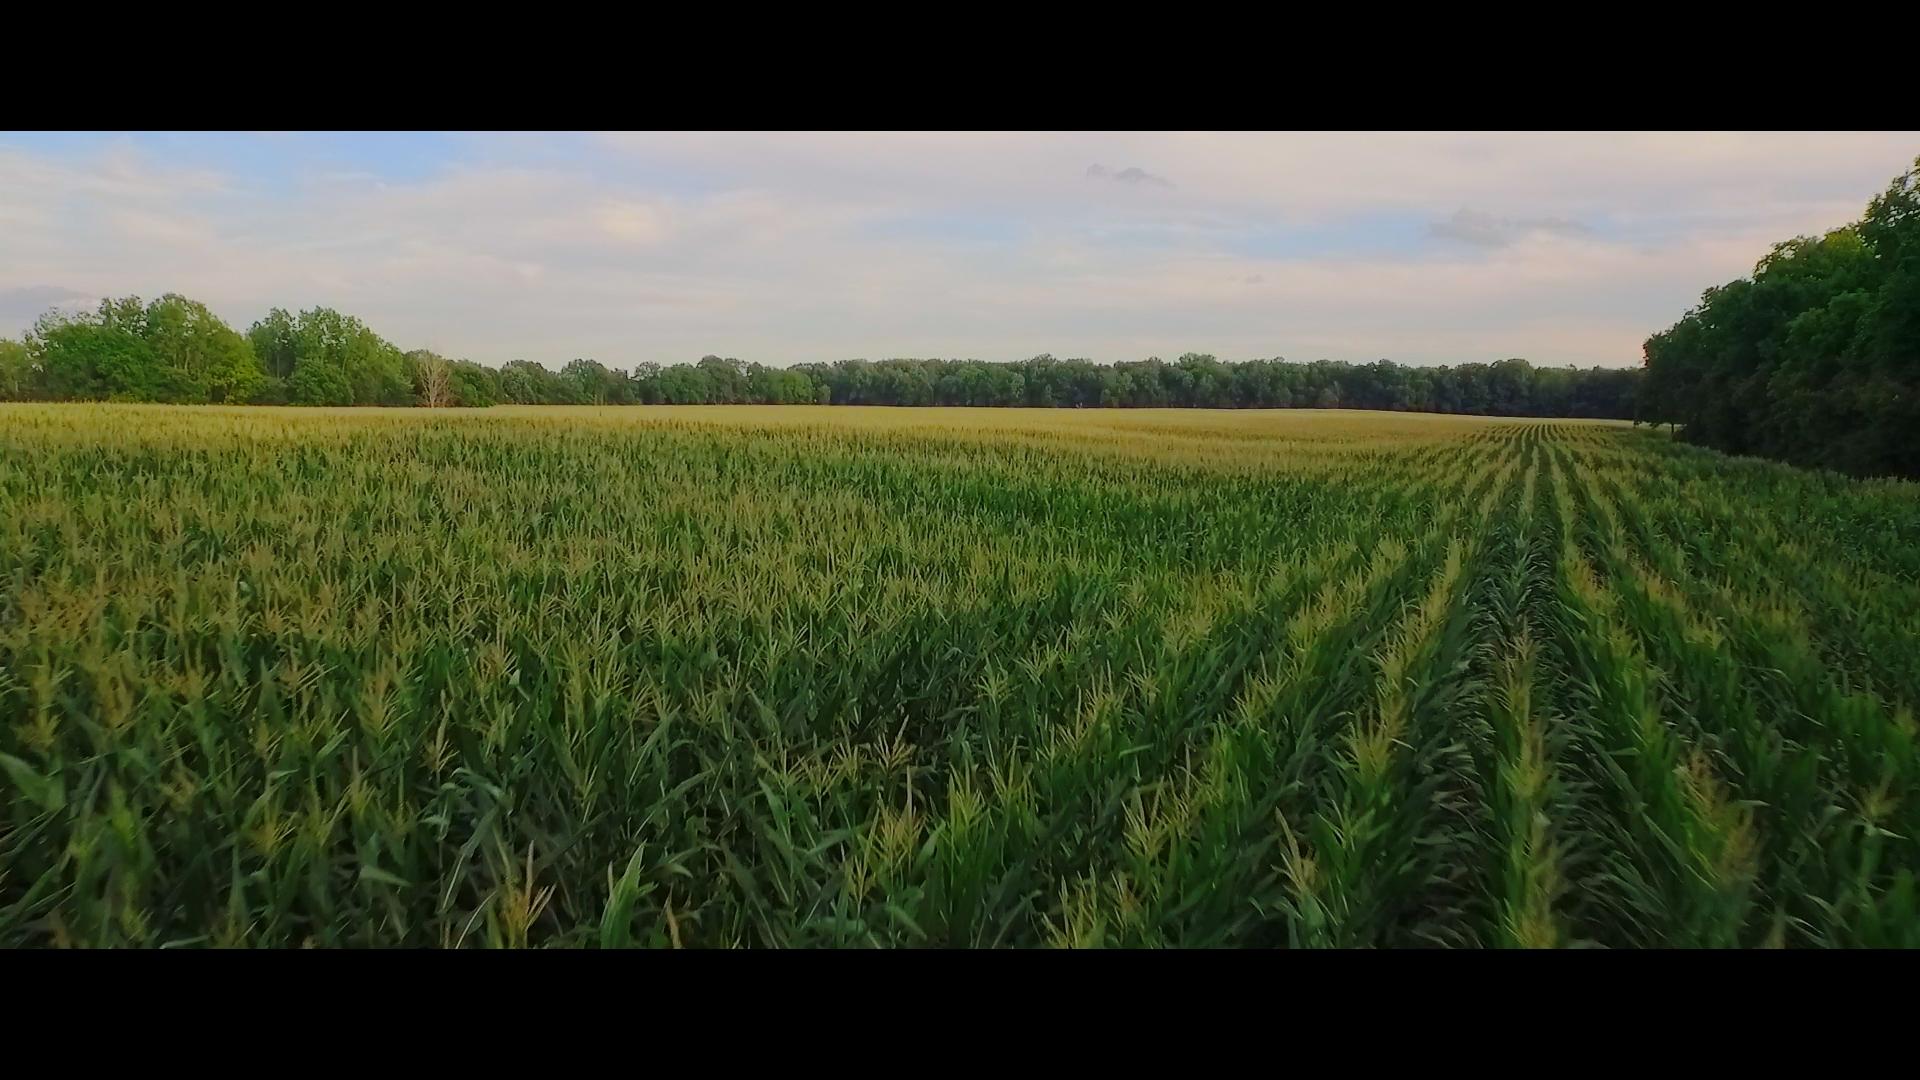 Crops in Field.jpg